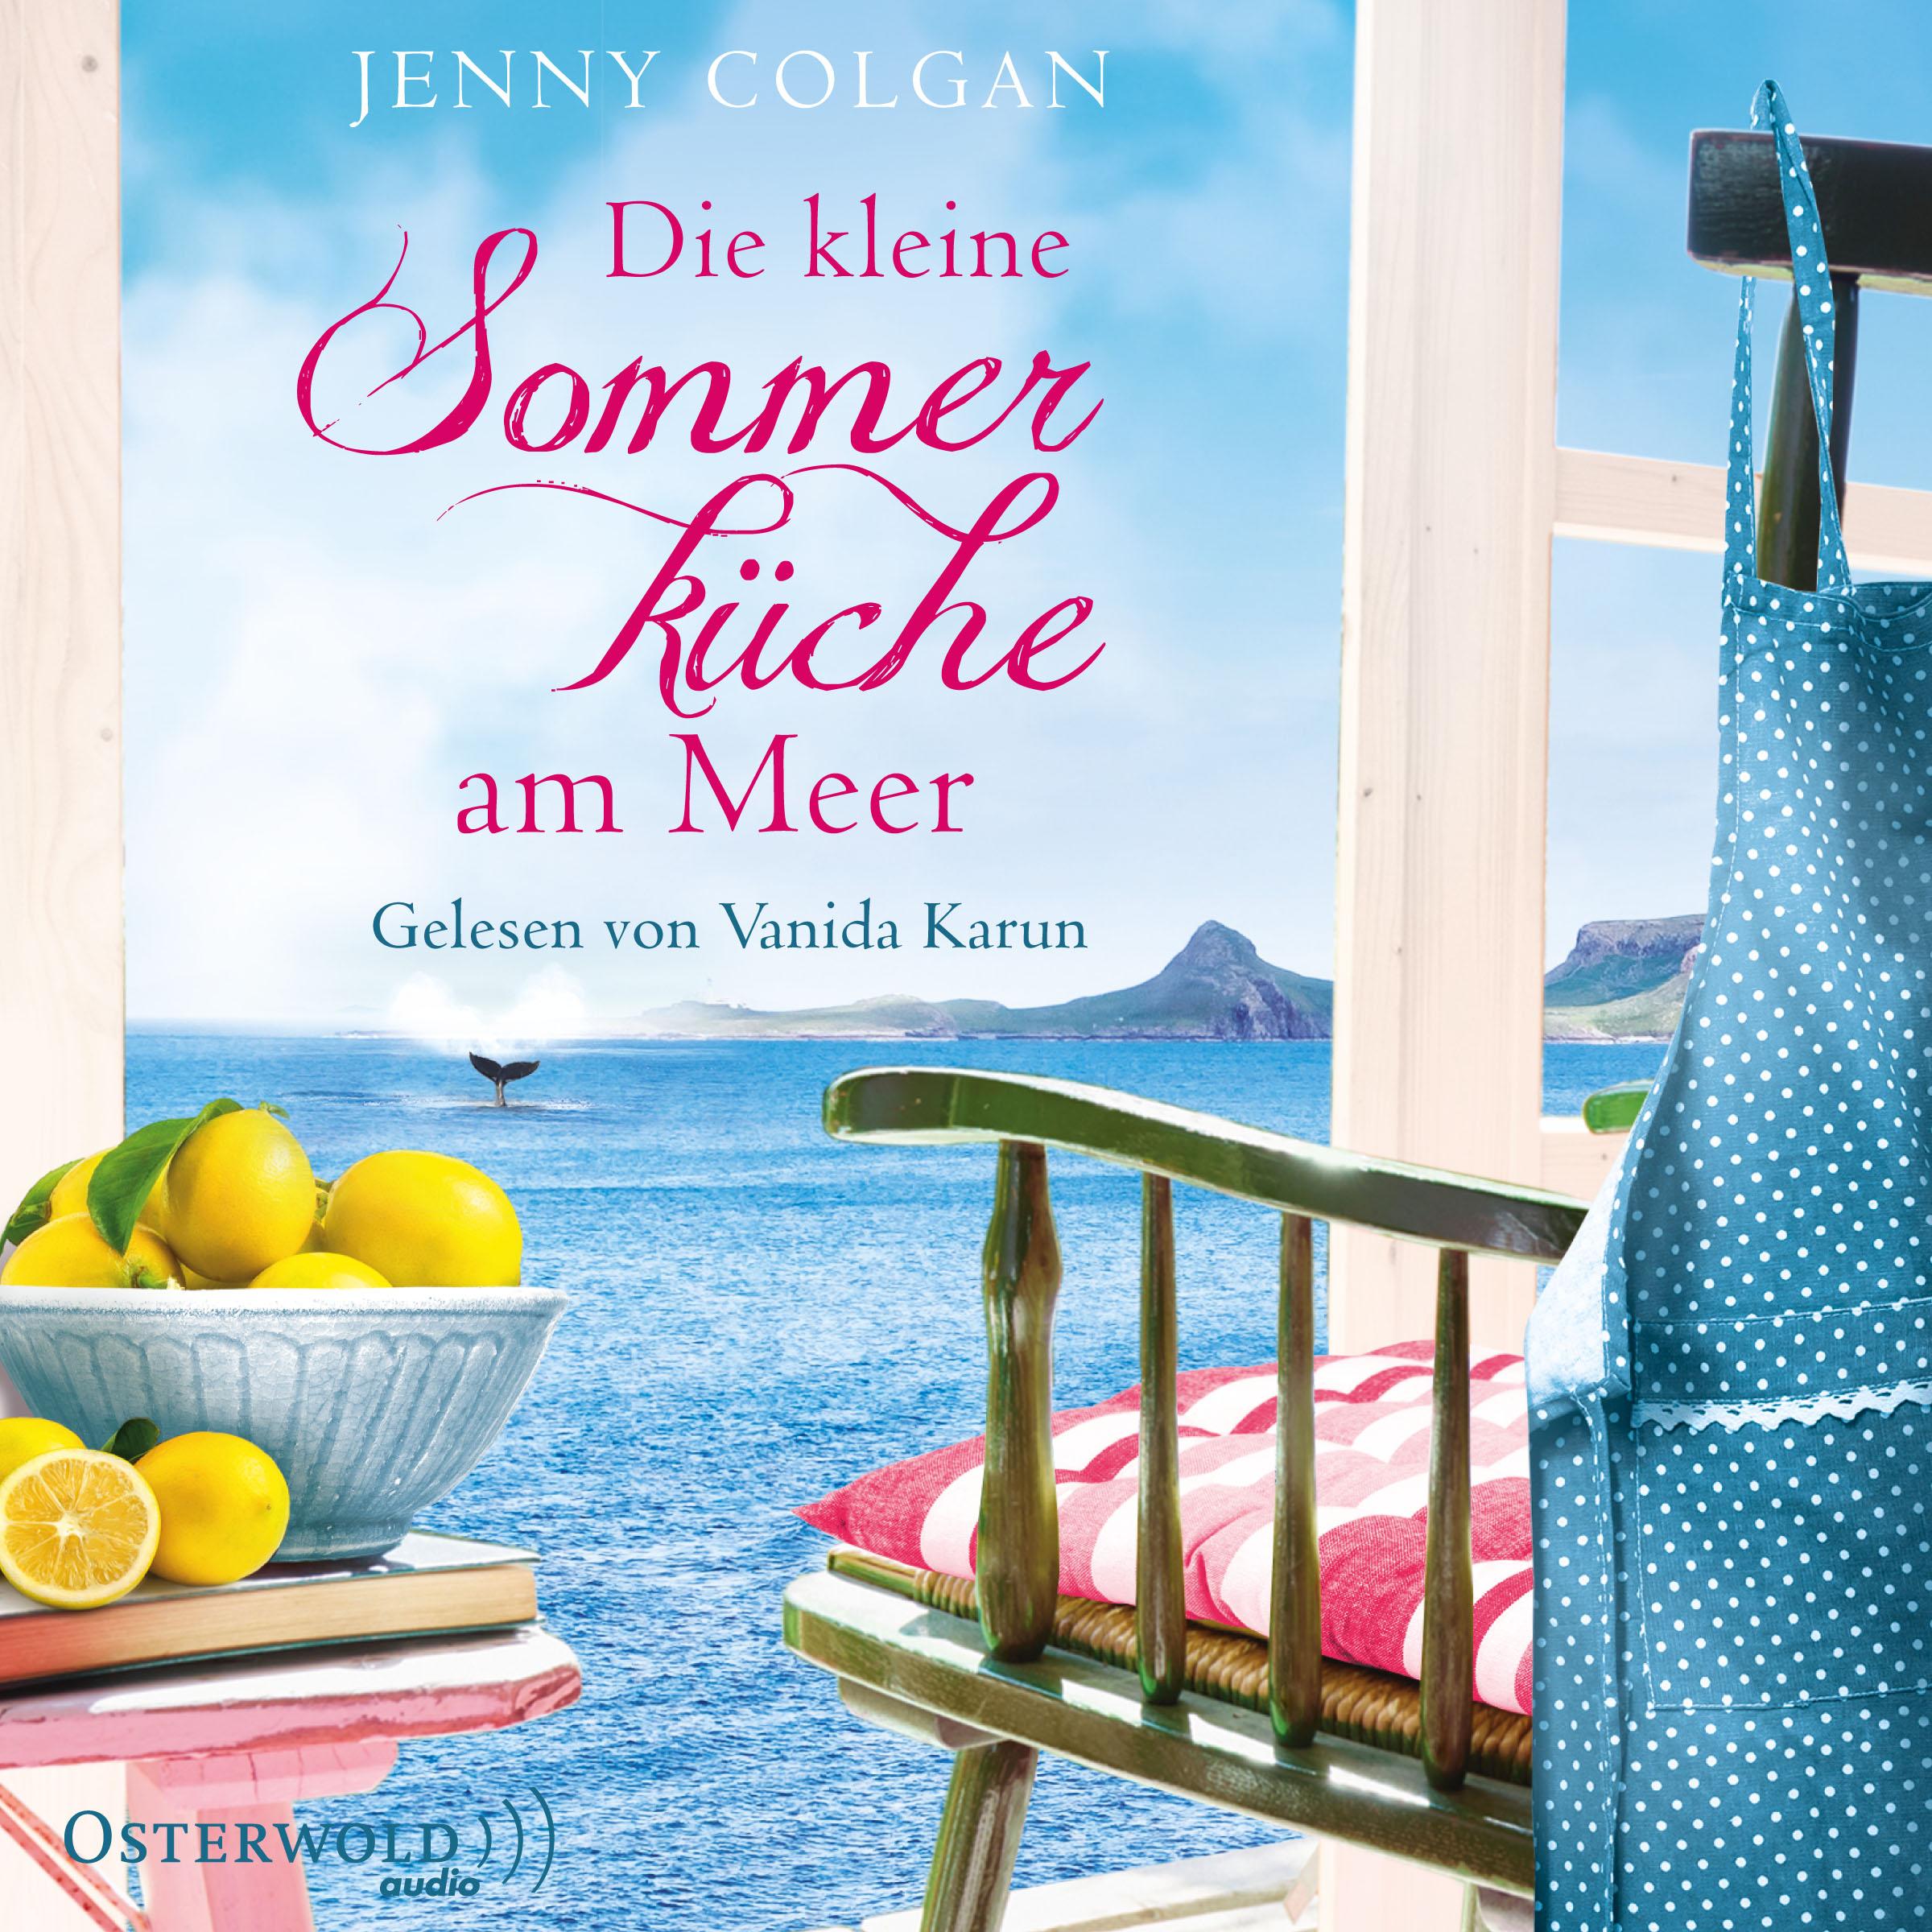 Hörbuch: Jenny Colgan - Die kleine Sommerküche am Meer -